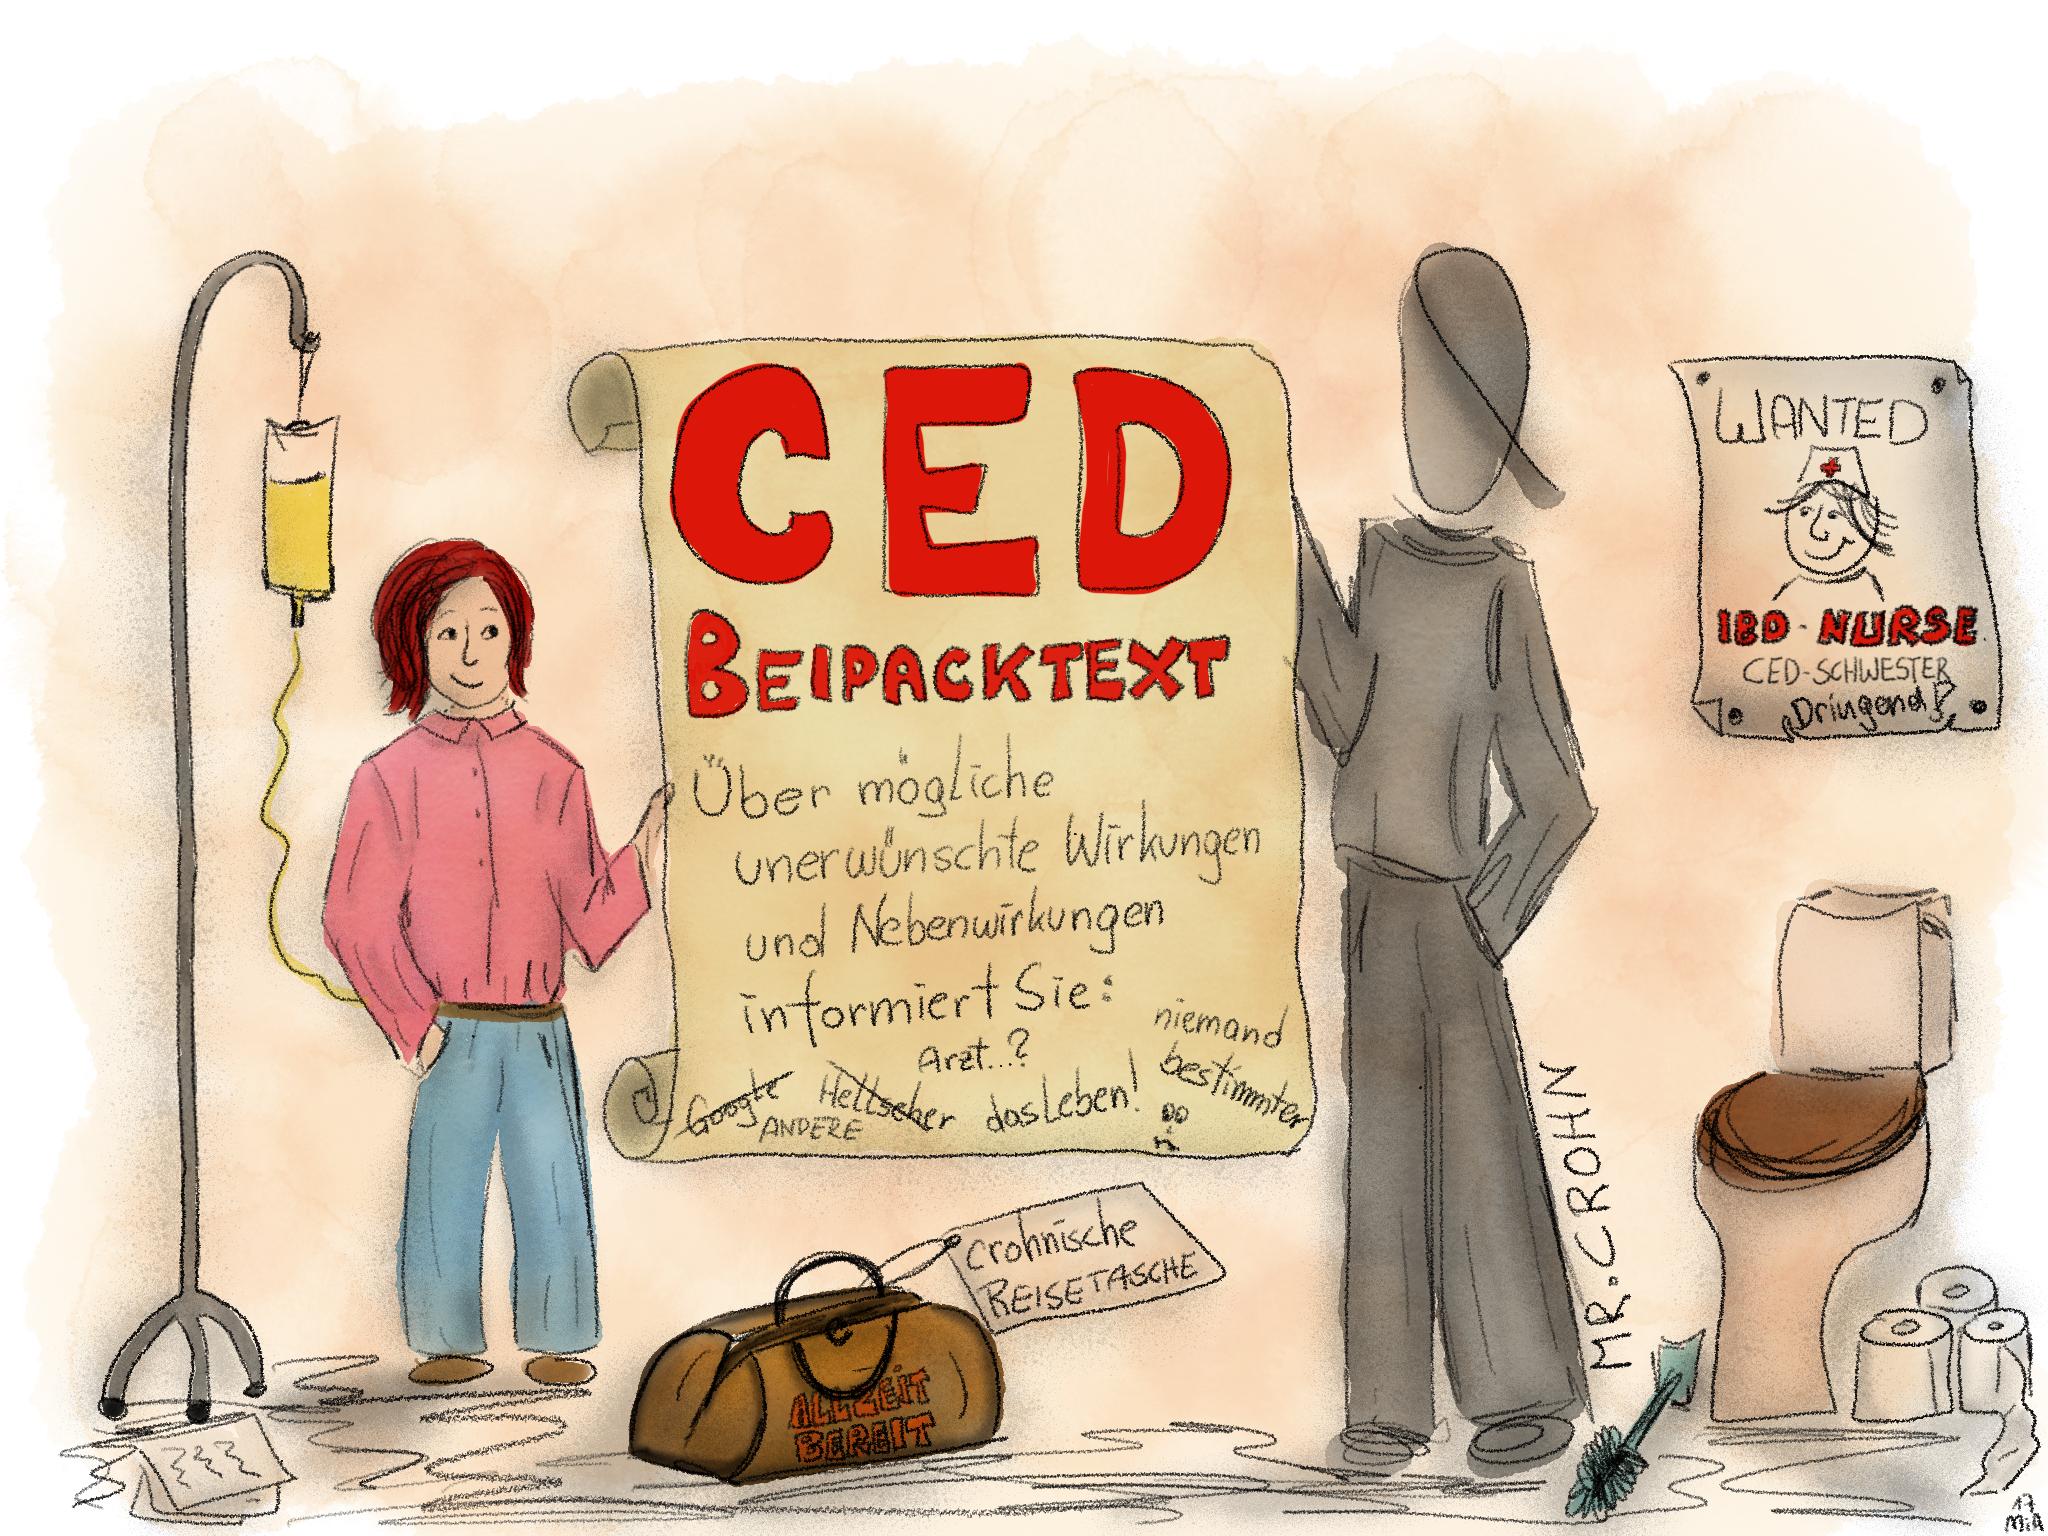 CED Beipacktext - Morbus Crohn: Über Risiken und unerwünschte Nebenwirkungen informiert Sie ...?